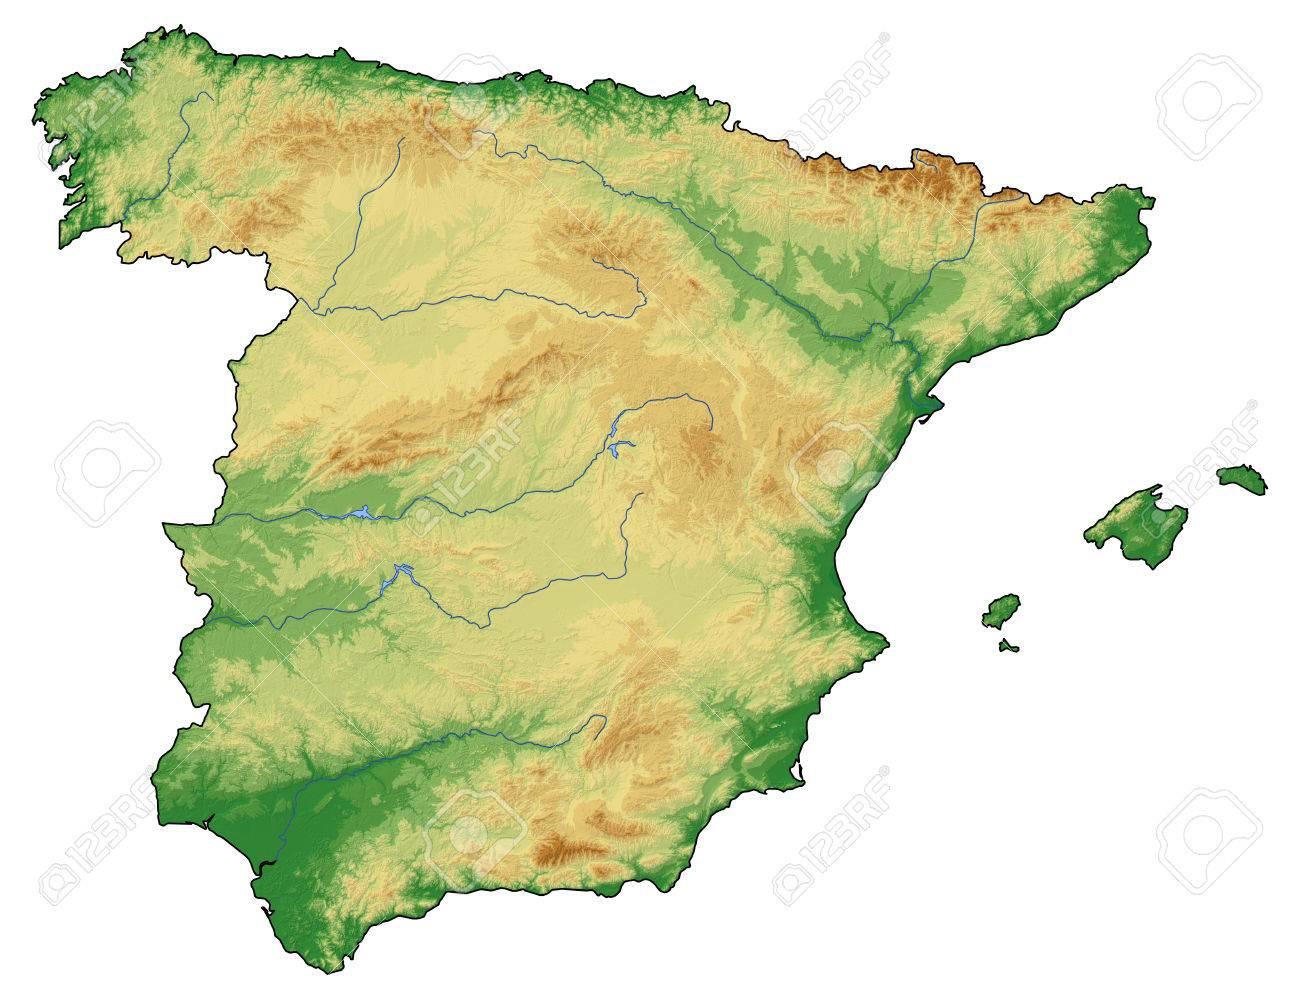 Mapa Relieve De España.Mapa En Relieve De Espana Con Relieves Y Sombreados